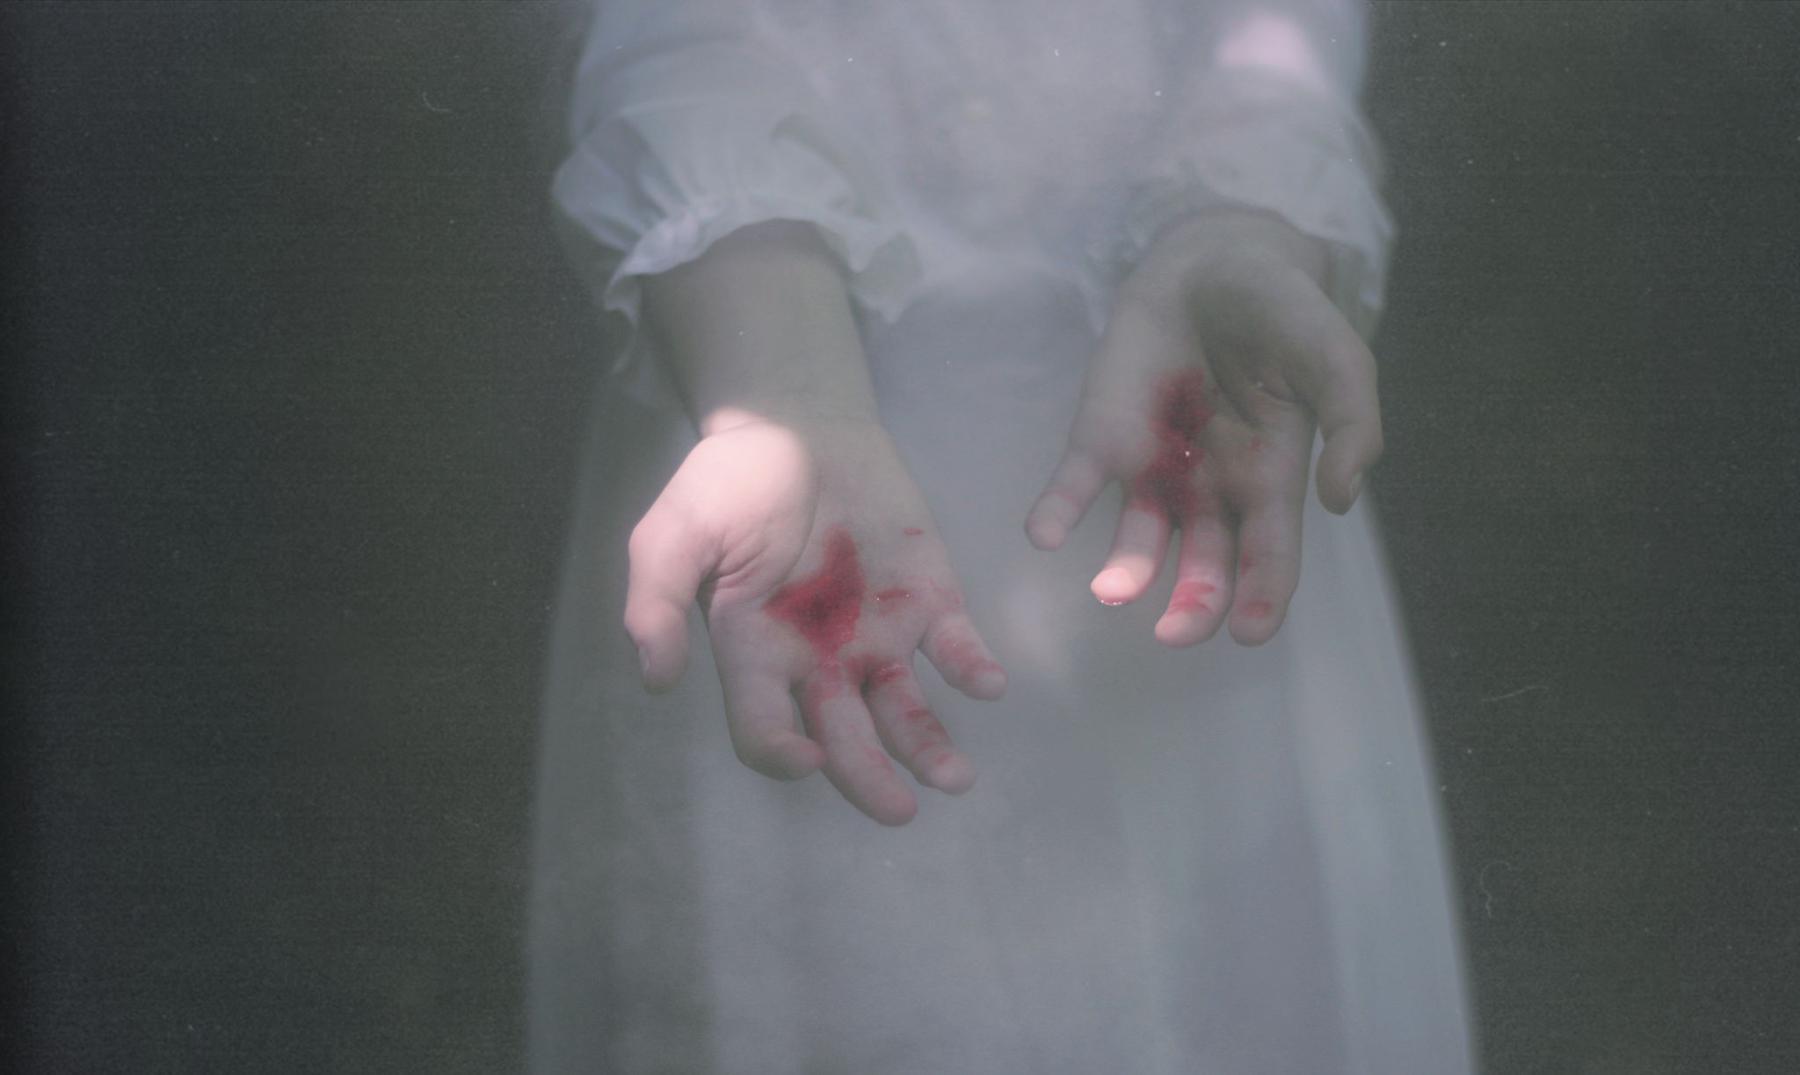 Mary Bell, el caso de la niña asesina